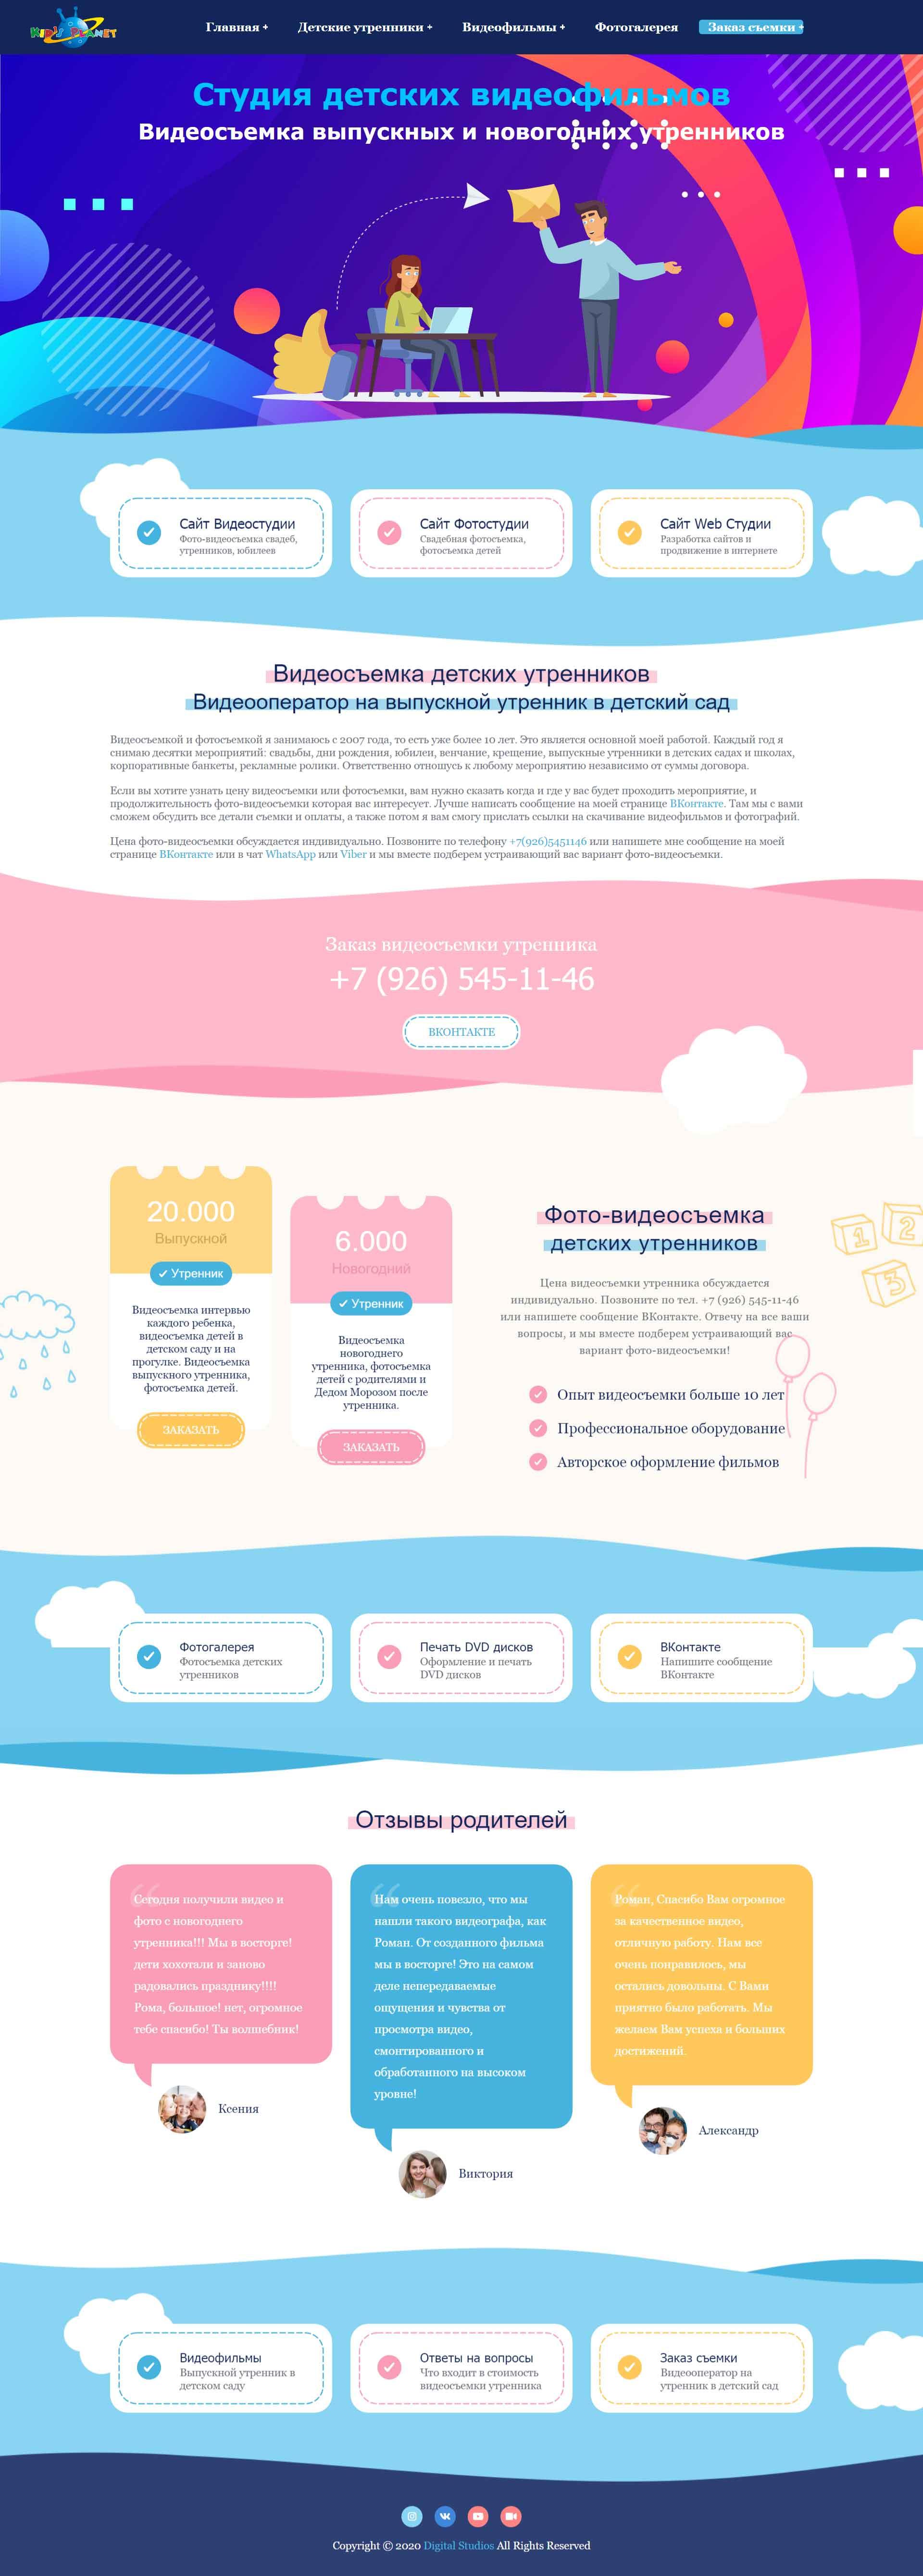 веб студия по разработке и созданию сайтов